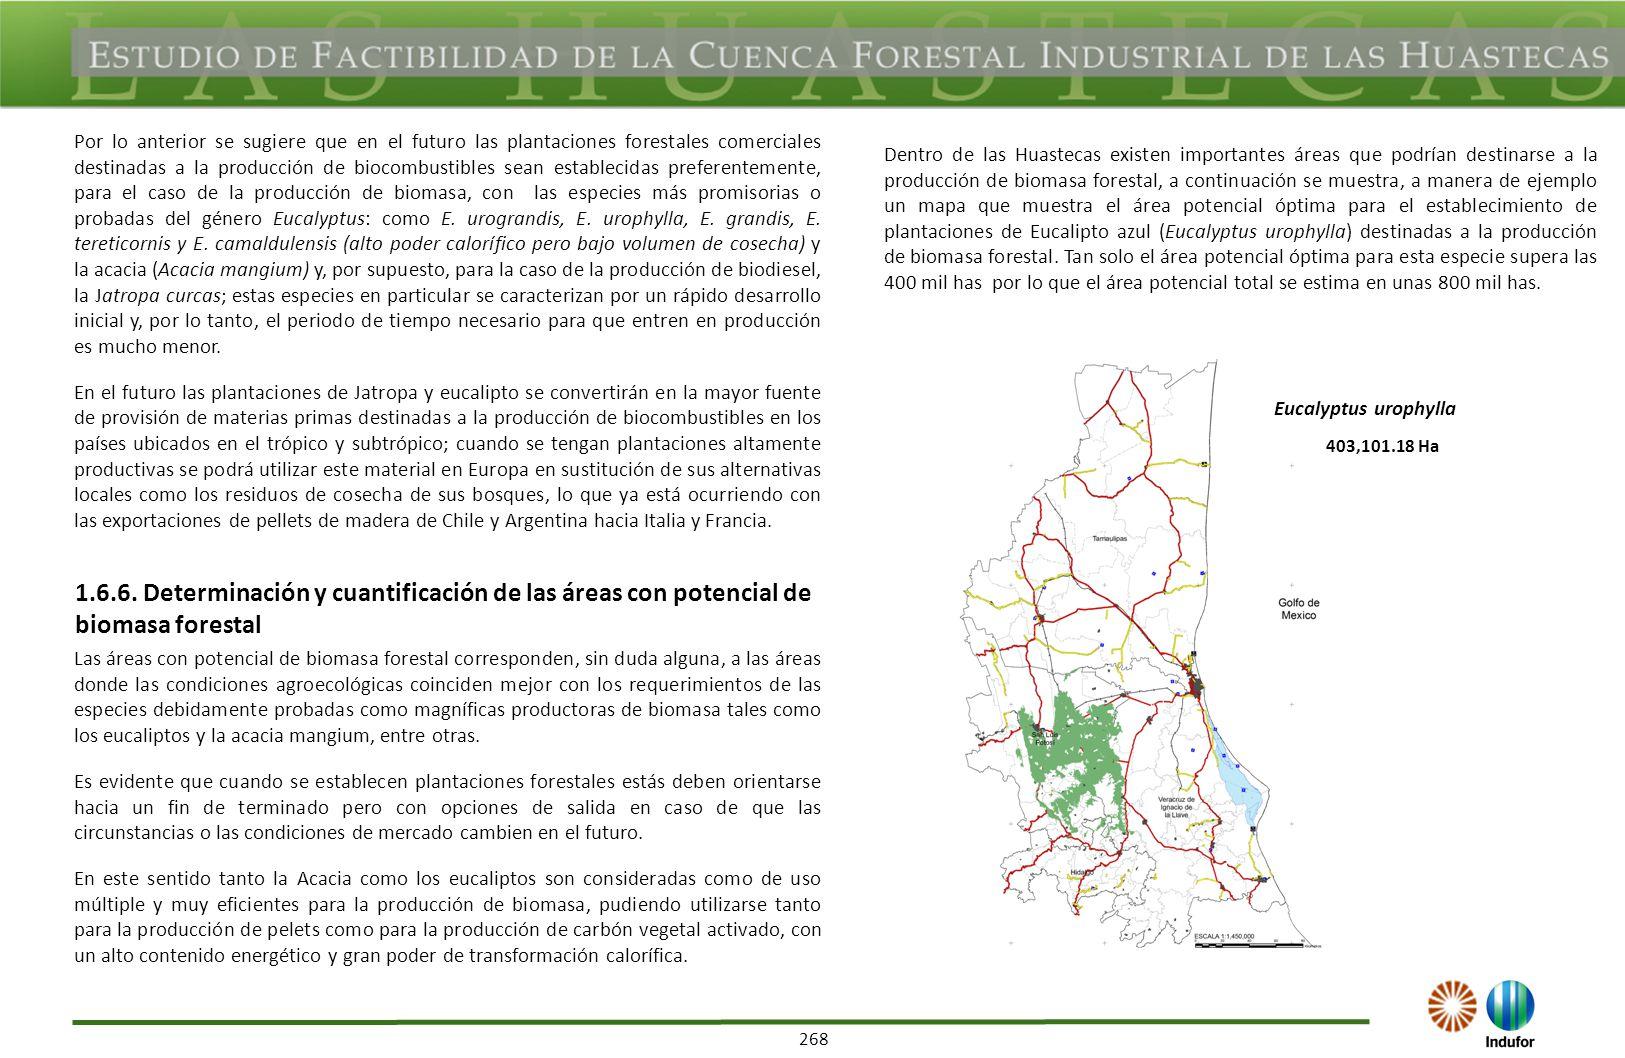 268 Por lo anterior se sugiere que en el futuro las plantaciones forestales comerciales destinadas a la producción de biocombustibles sean establecida